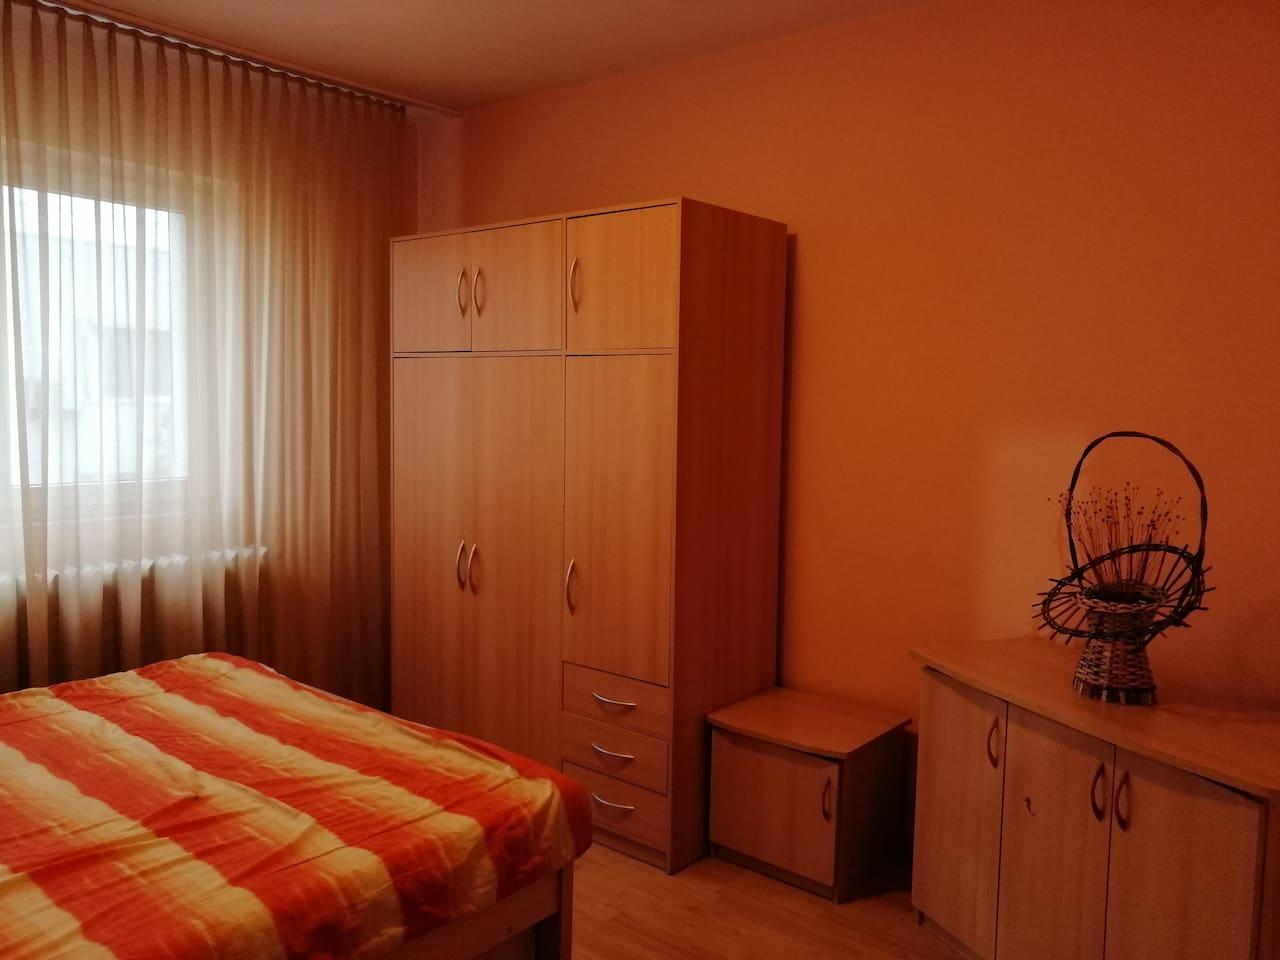 Bedroom no 1.